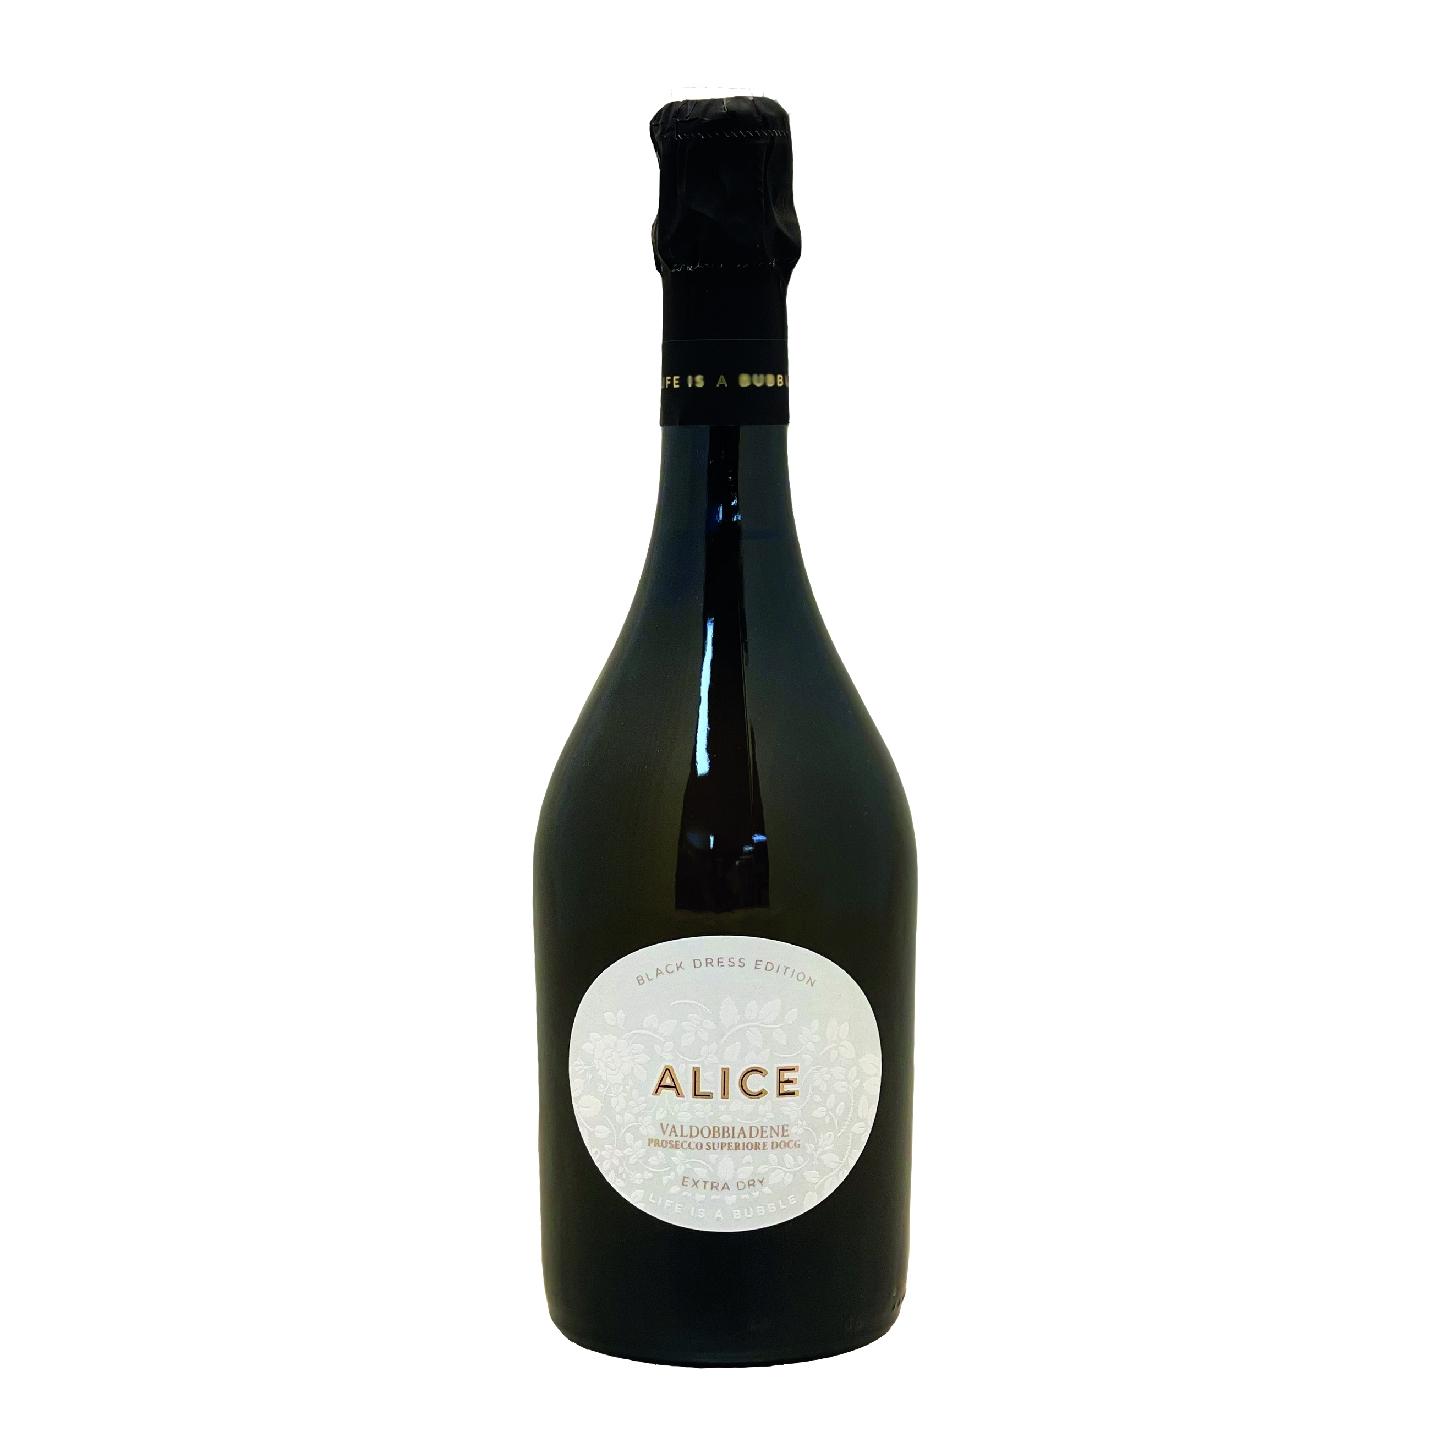 Alice extra dry